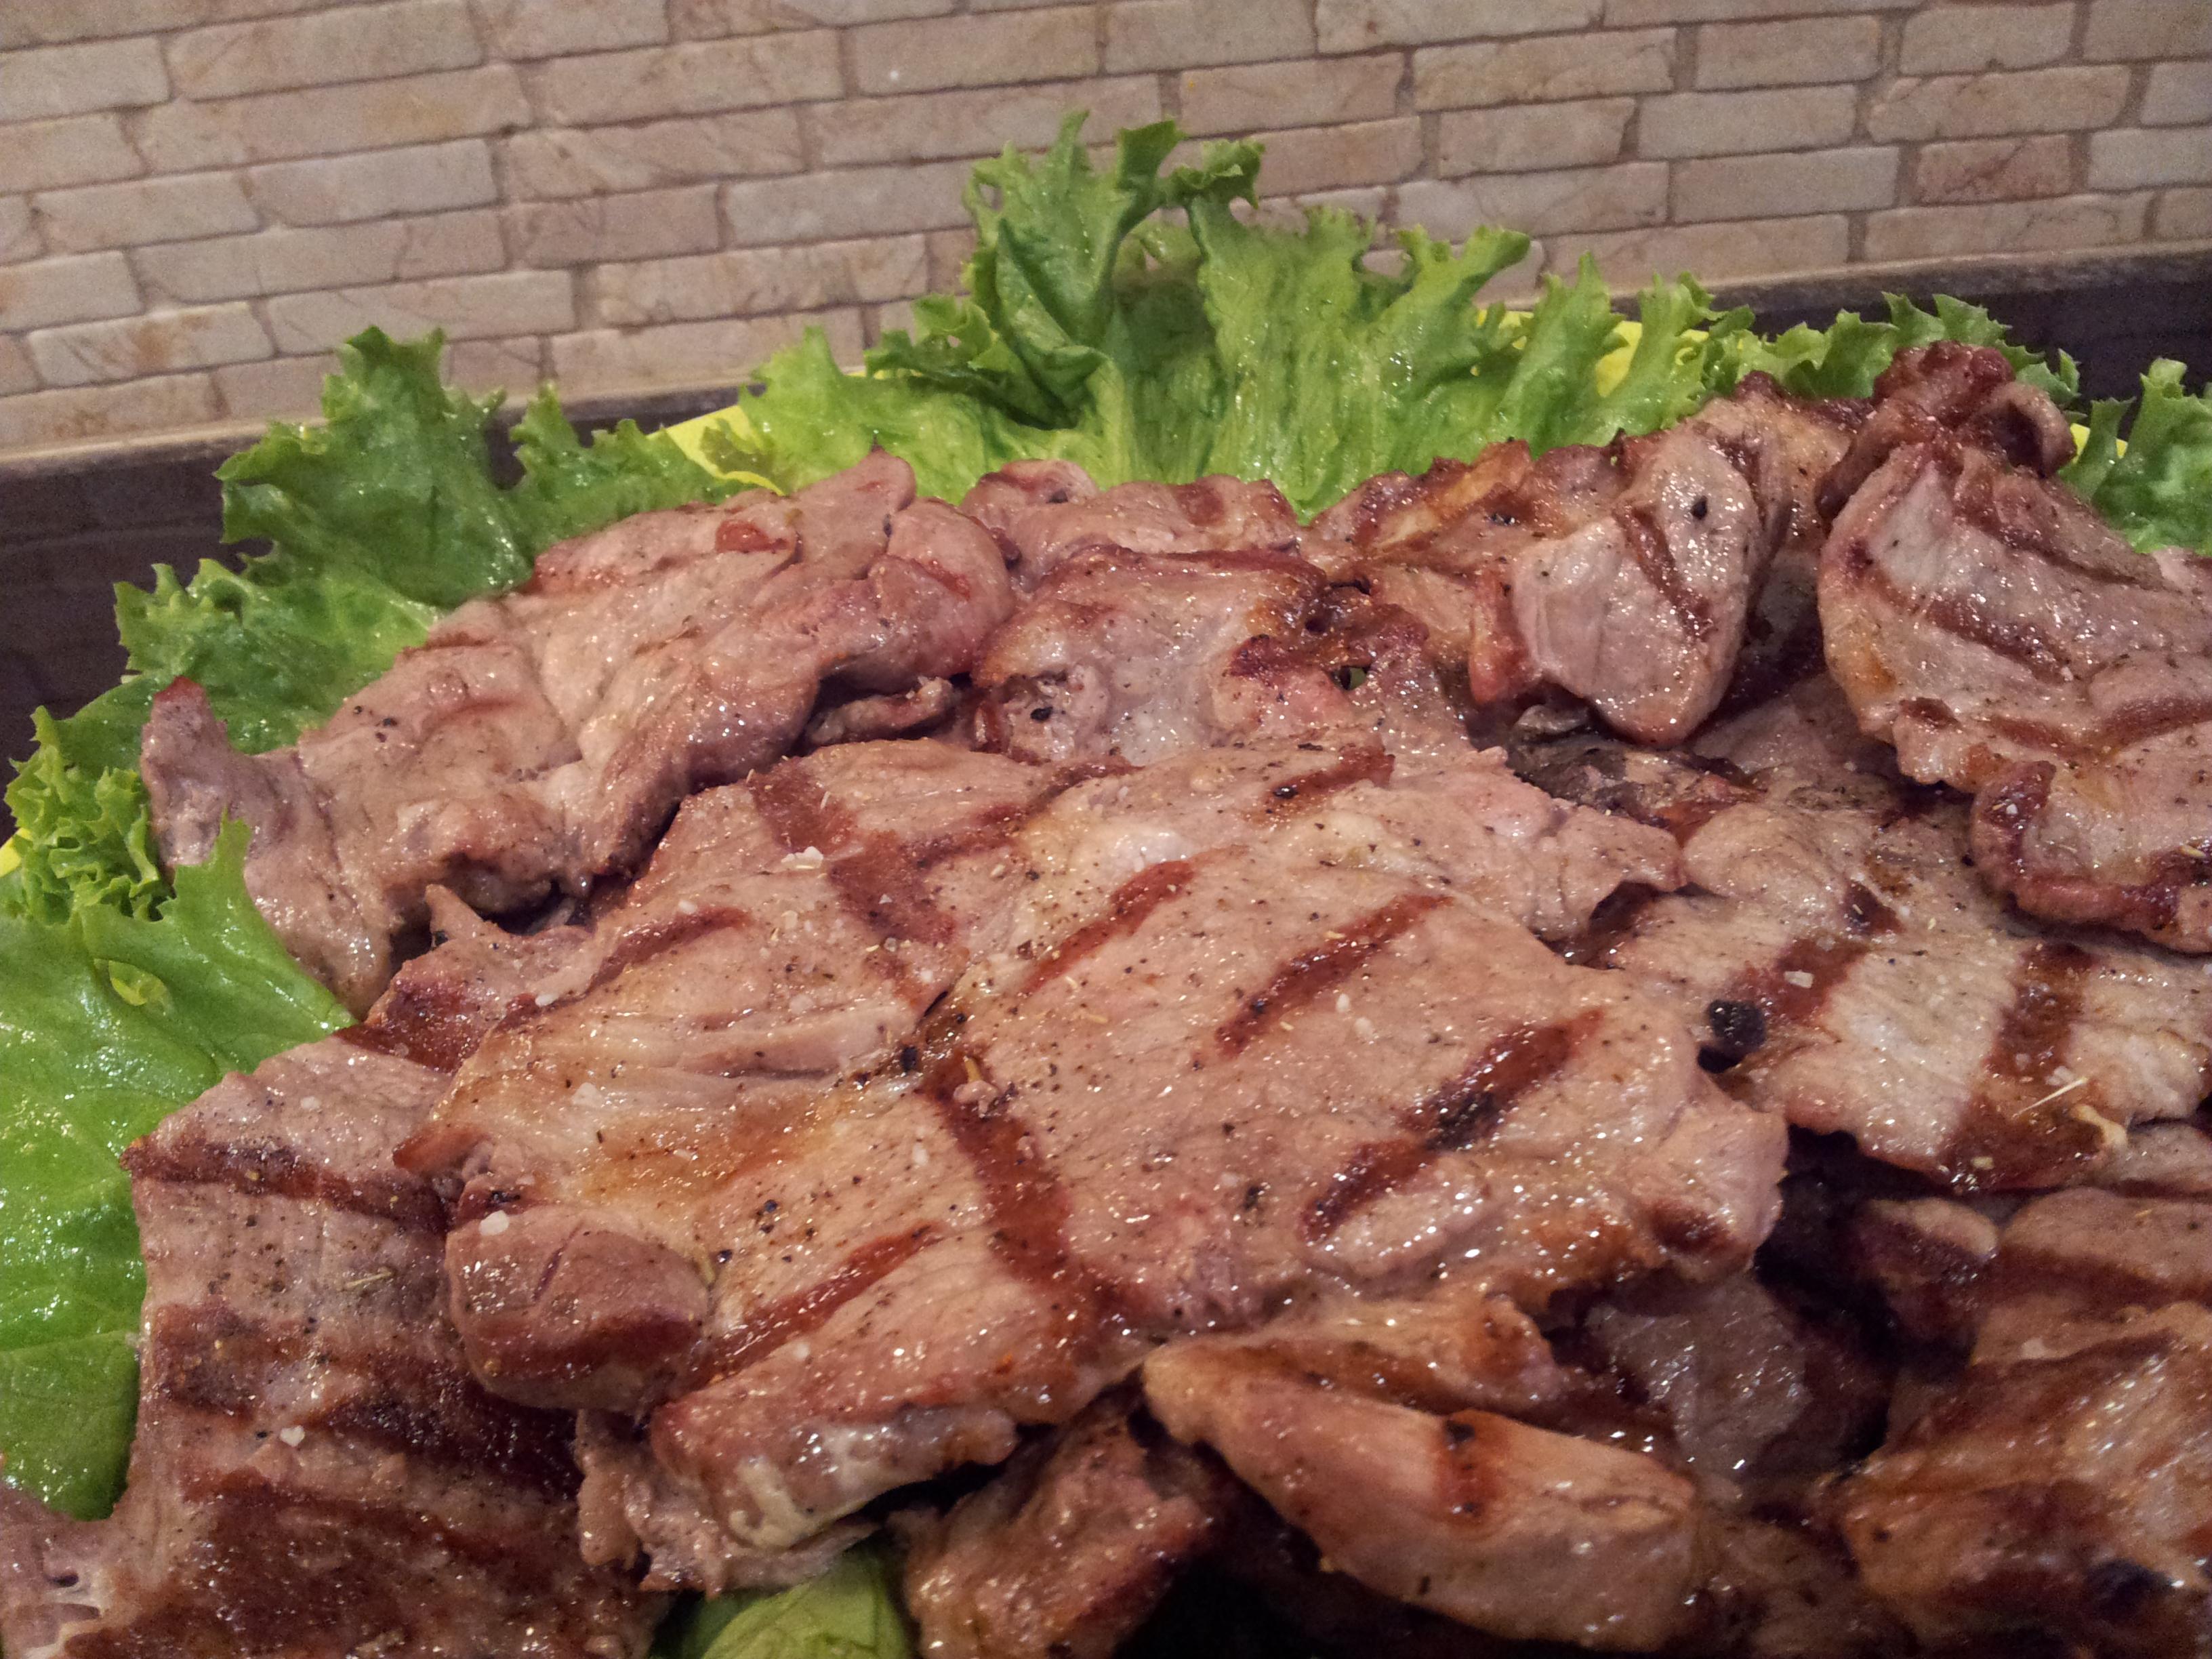 Grilled Pork Butt Chops